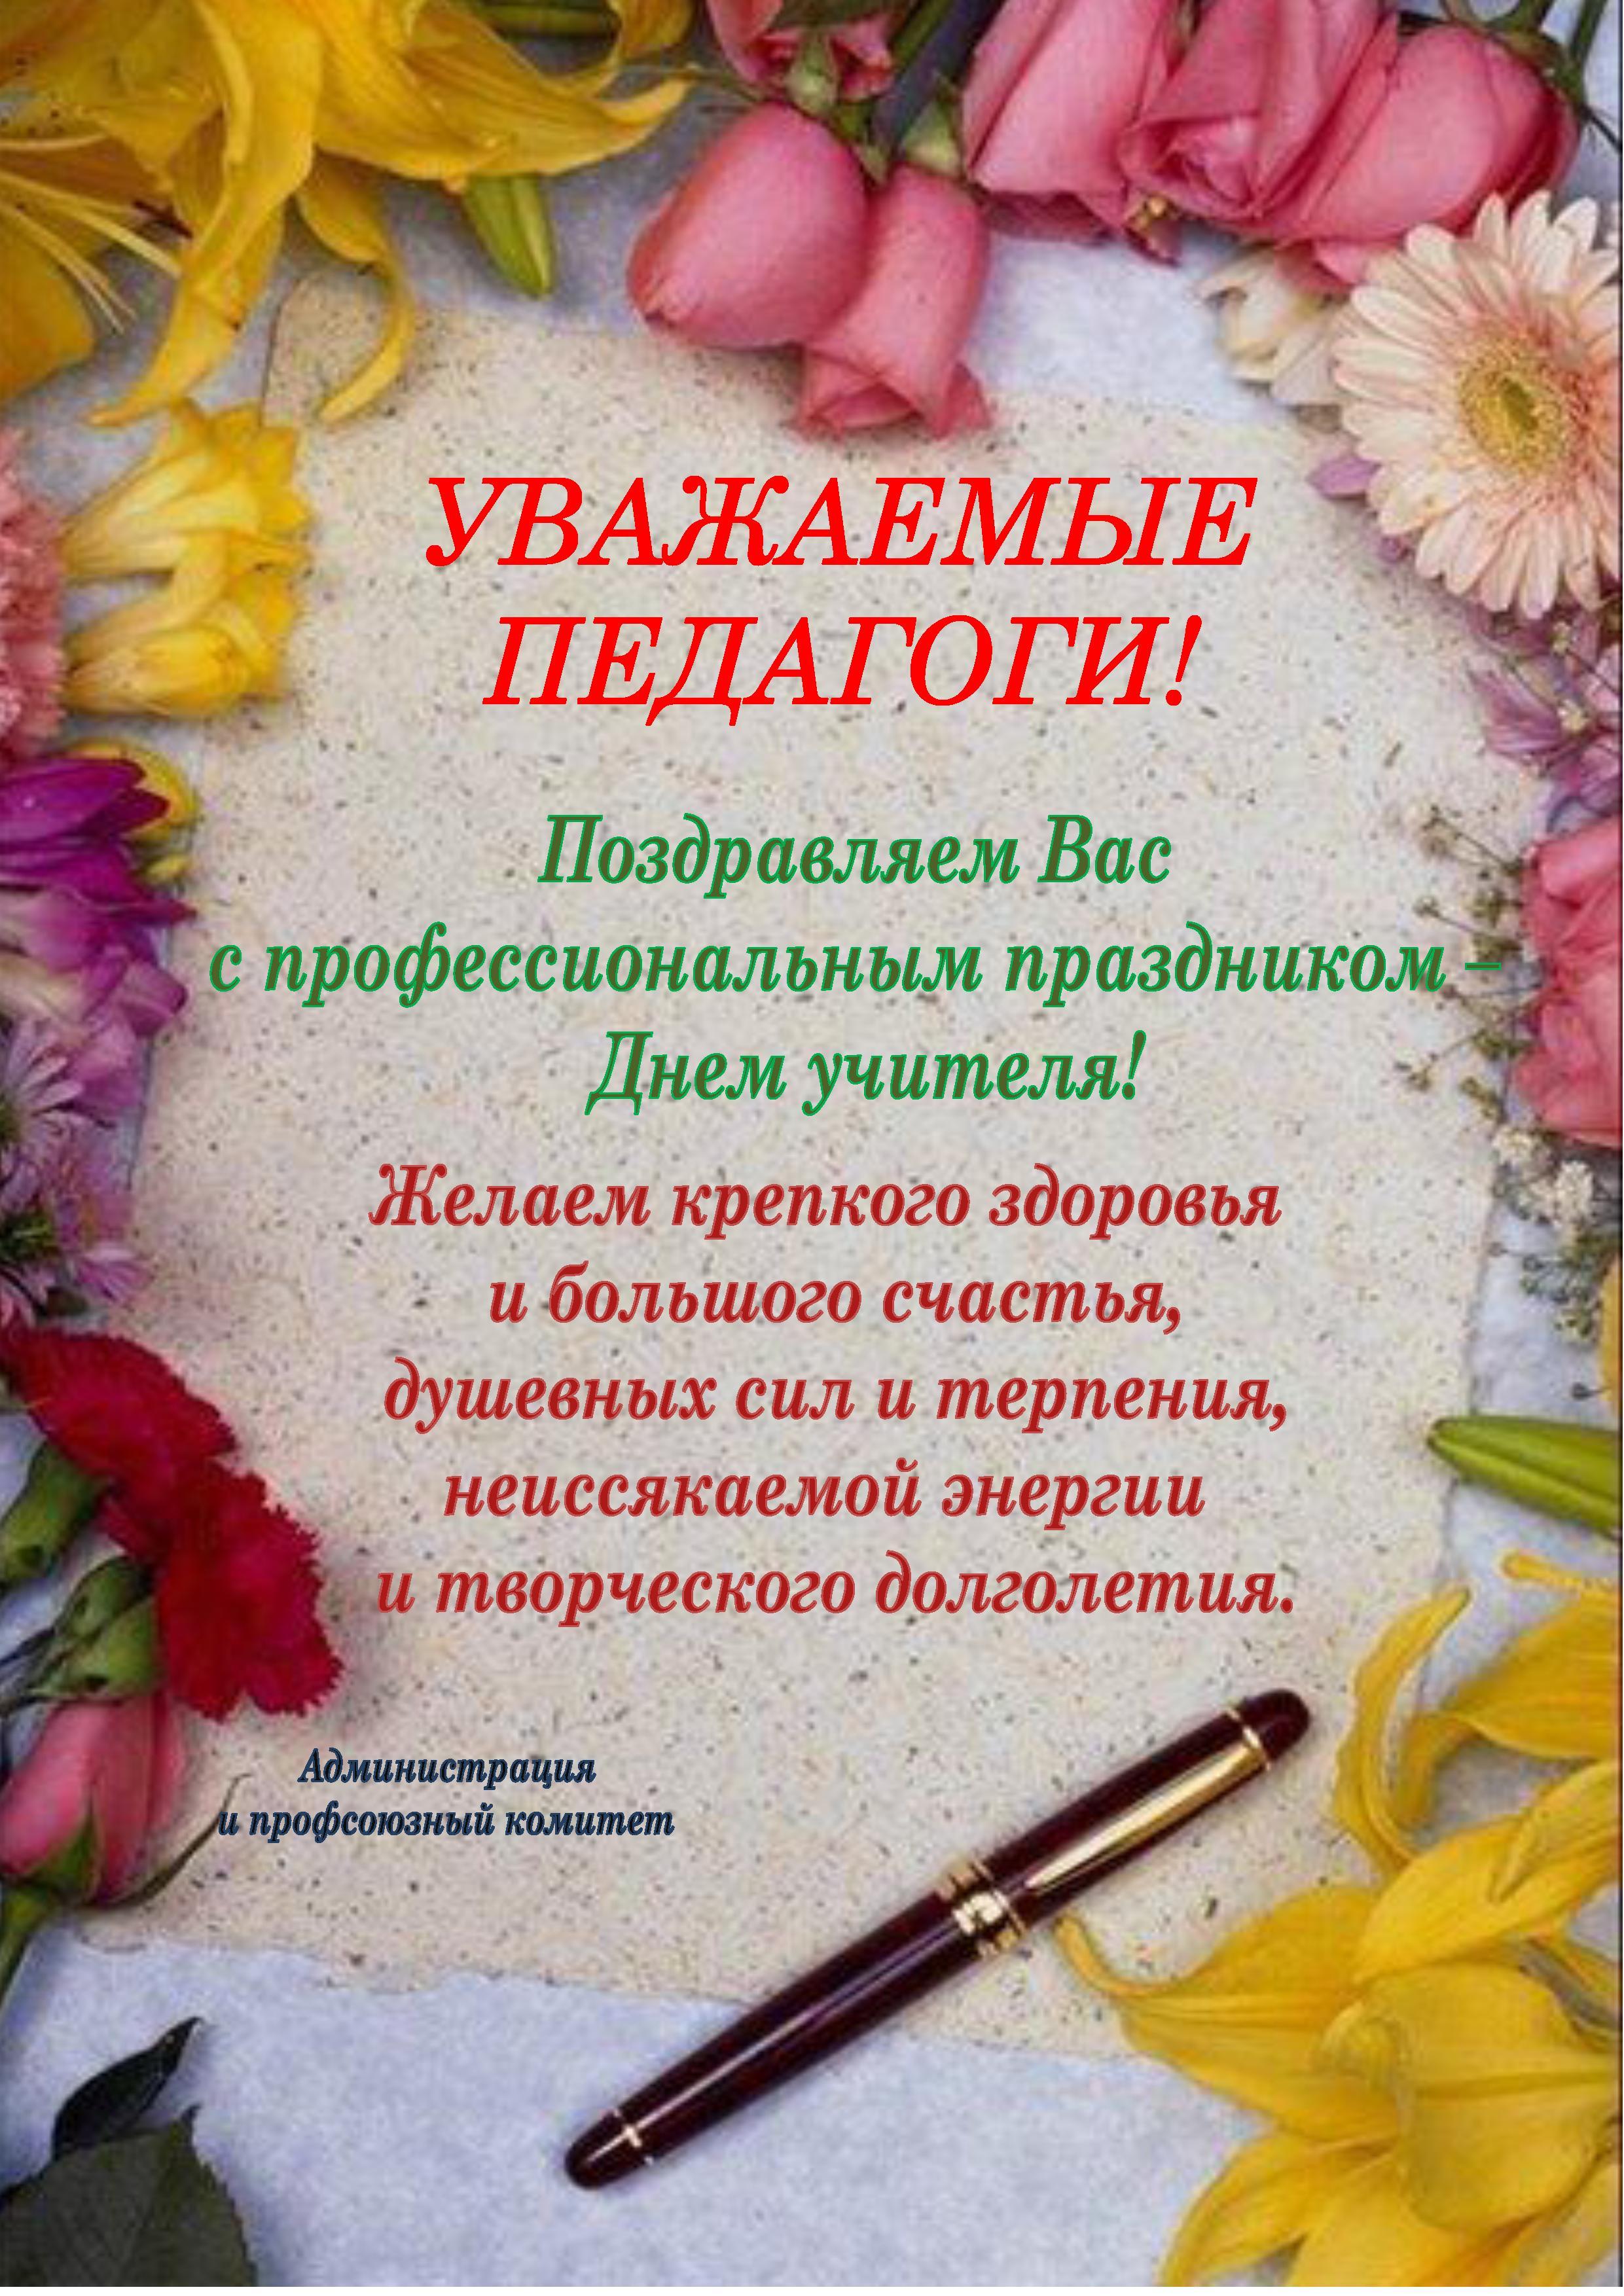 Поздравления с днем рождения учителю/учительнице - Поздравок 6